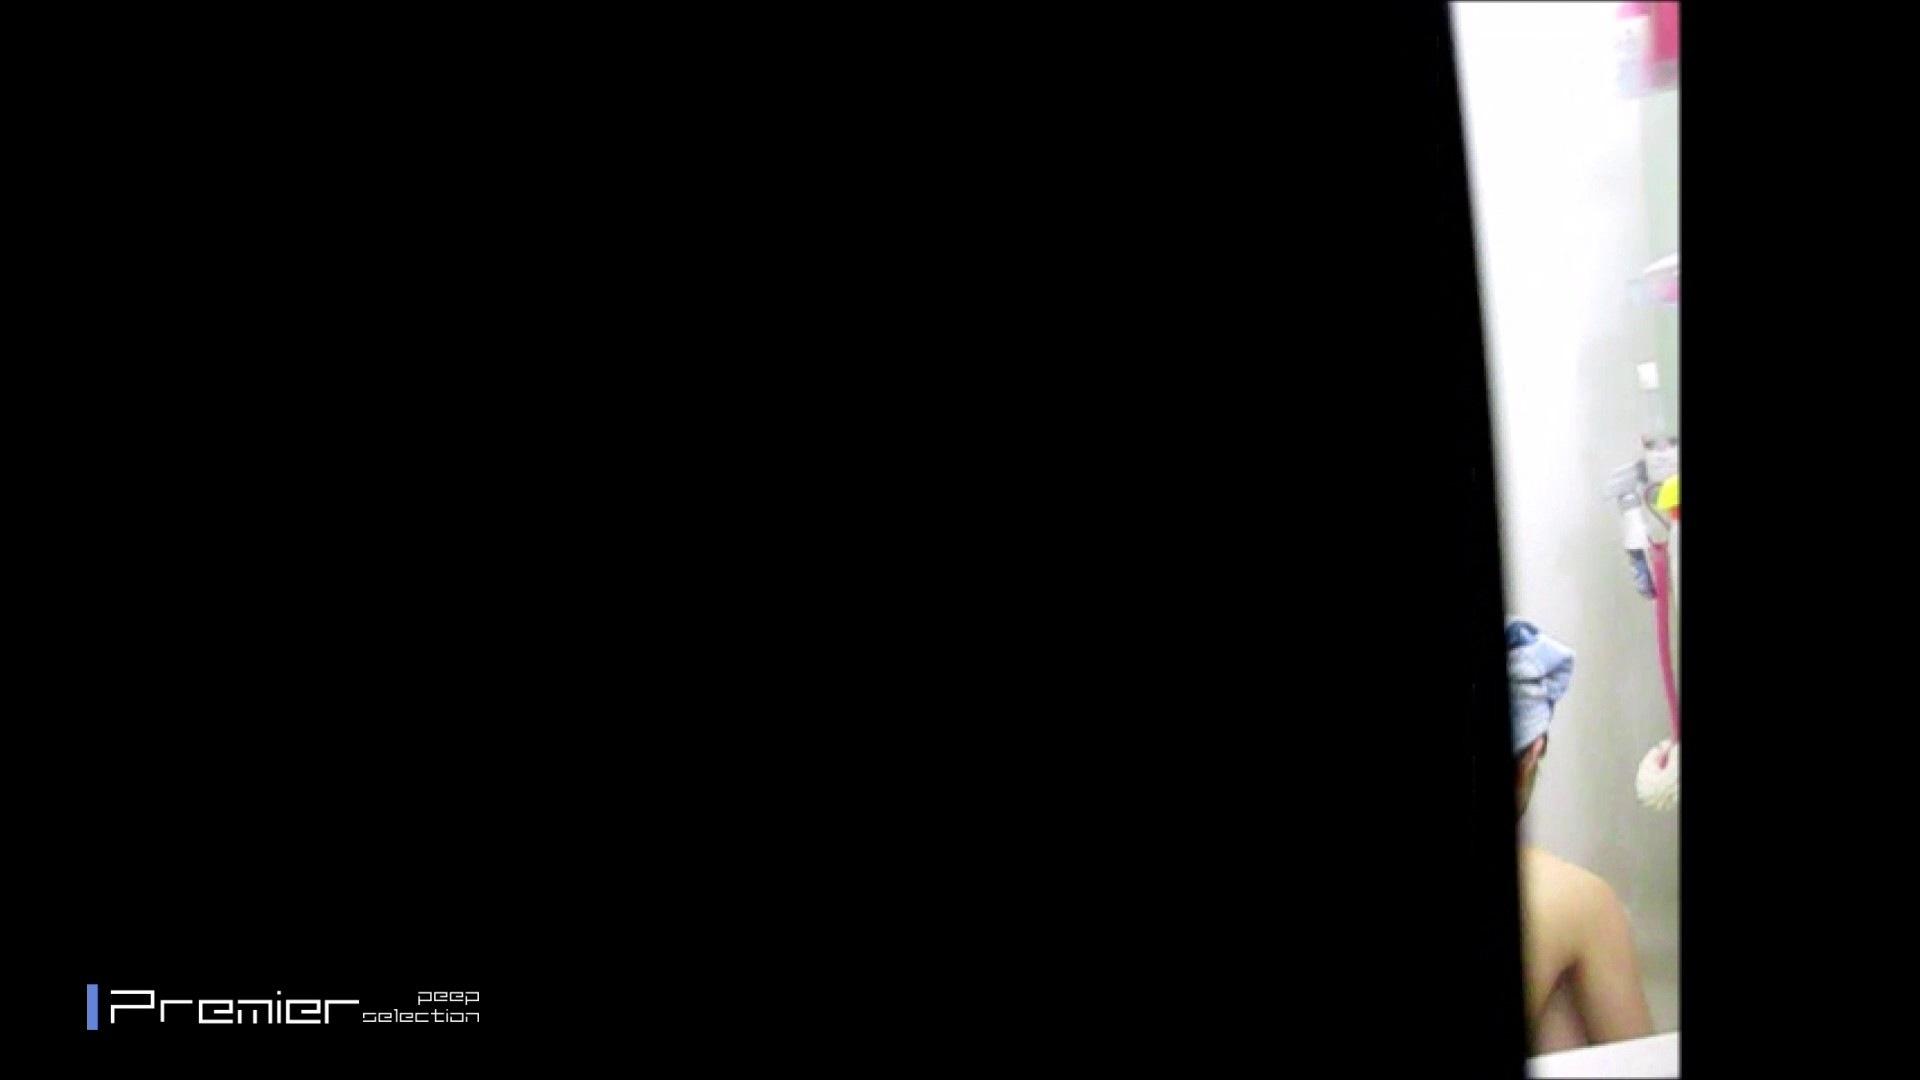 スレンダー美女の桃色乳首 乙女の風呂場 Vol.09 盗撮  96PIX 26